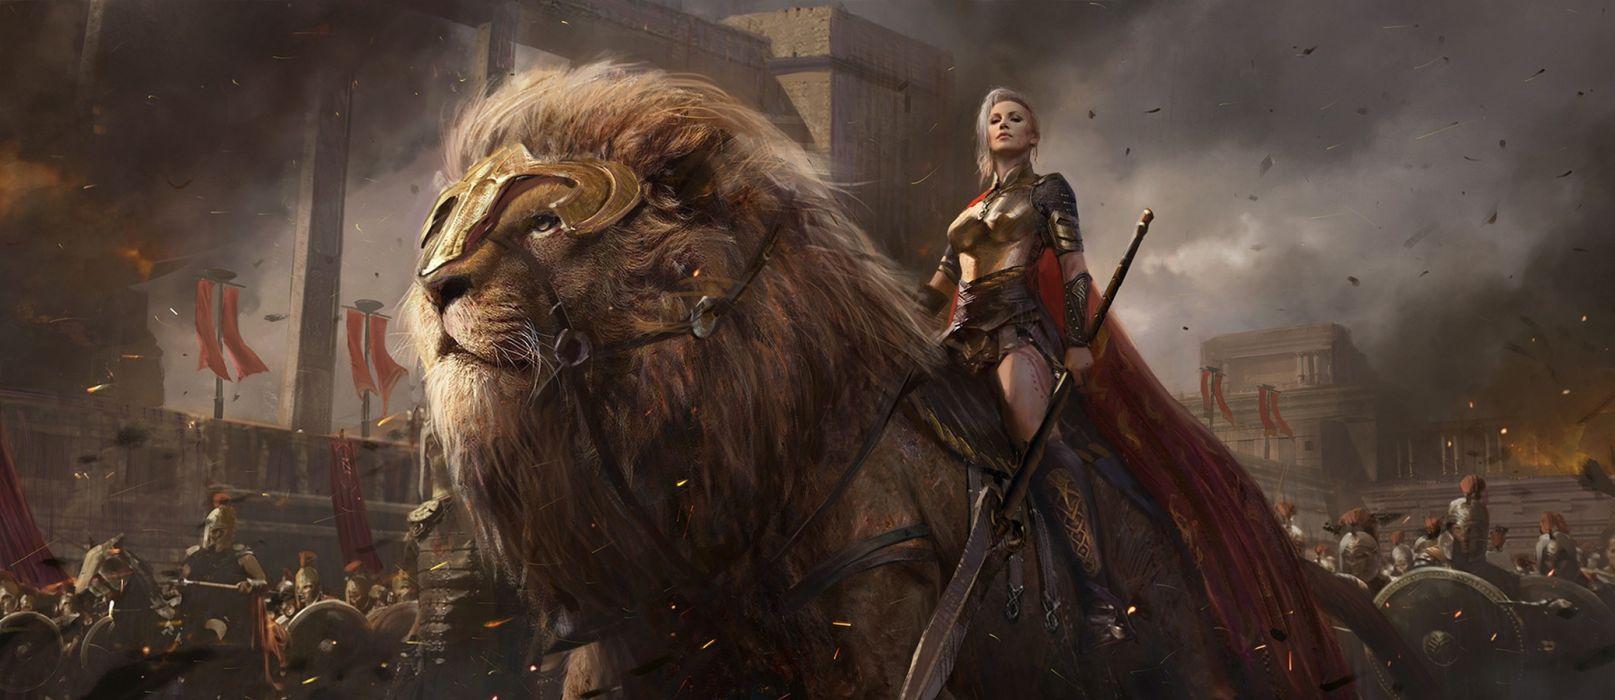 sean-shi artstation original fantasy art girl beautiful warrior lion shuo SHI wallpaper